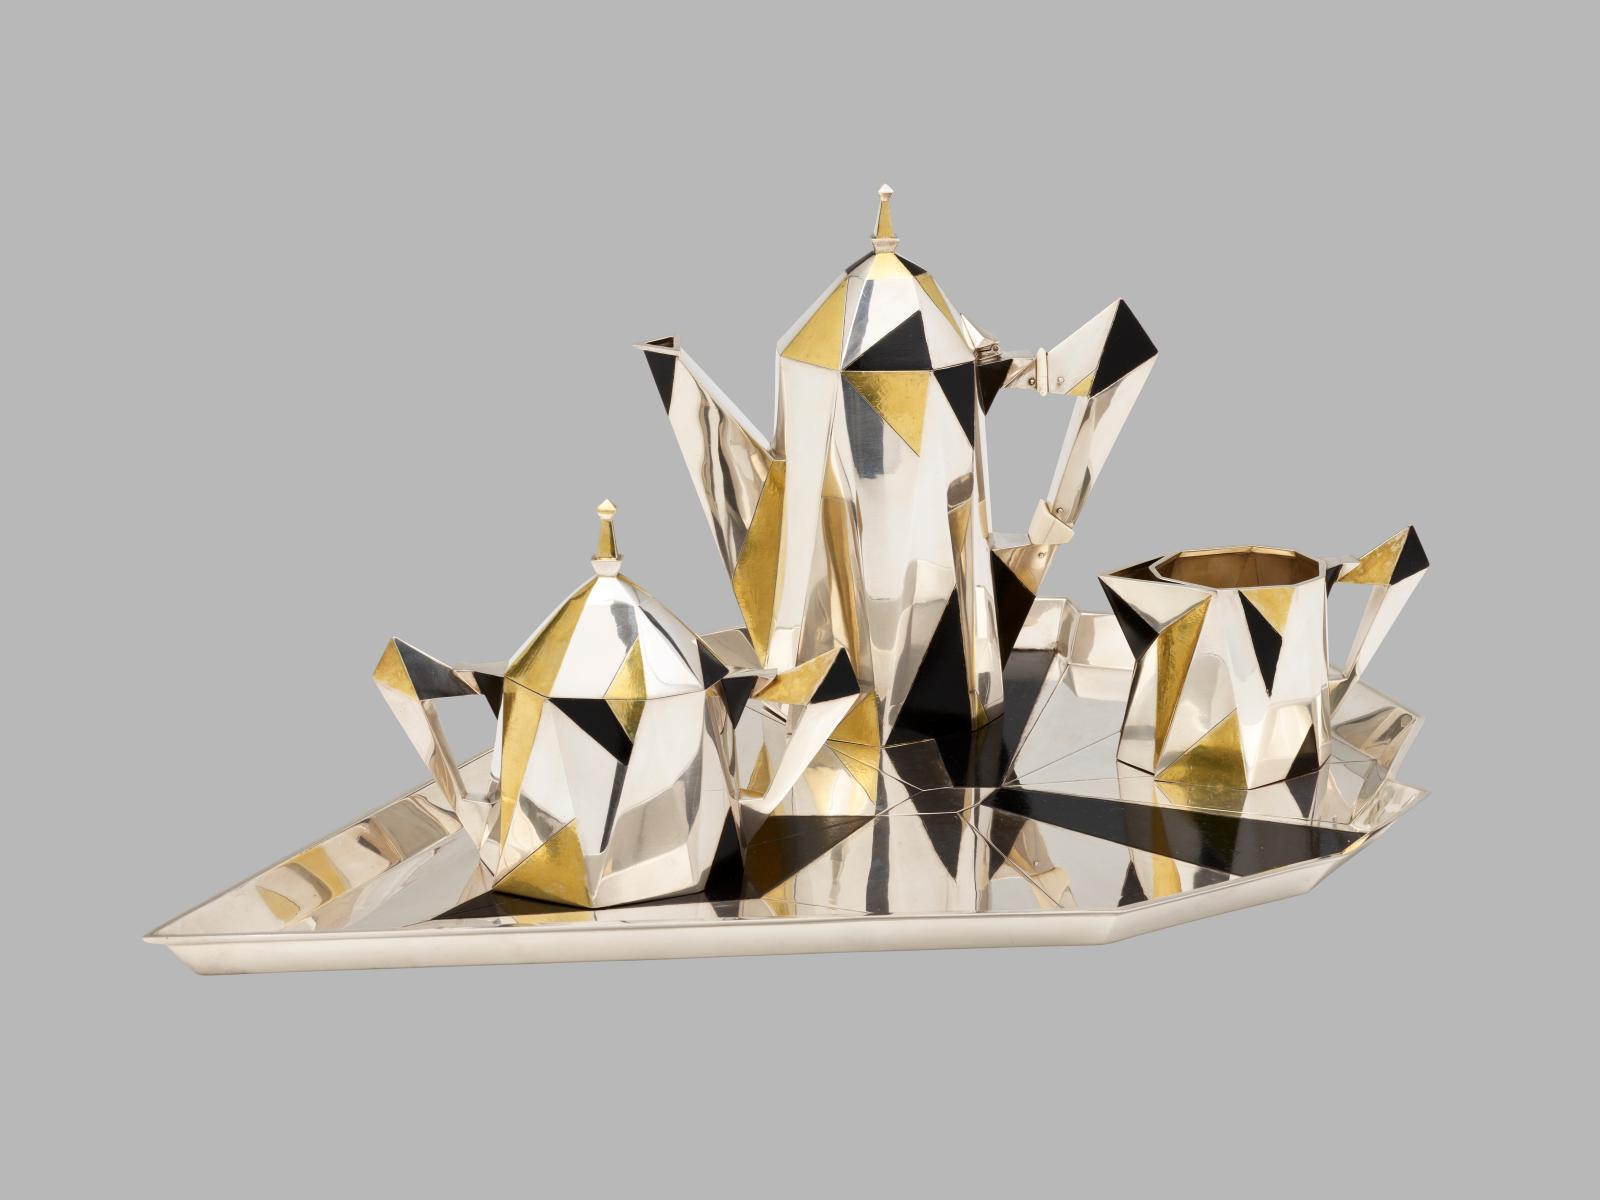 Erik Magnussen, Gorham Manufacturing Compagny, Service à café cubique, 1927, argent, dorure et ivoire, 24,1x54,6x34cm, Providence, Rh